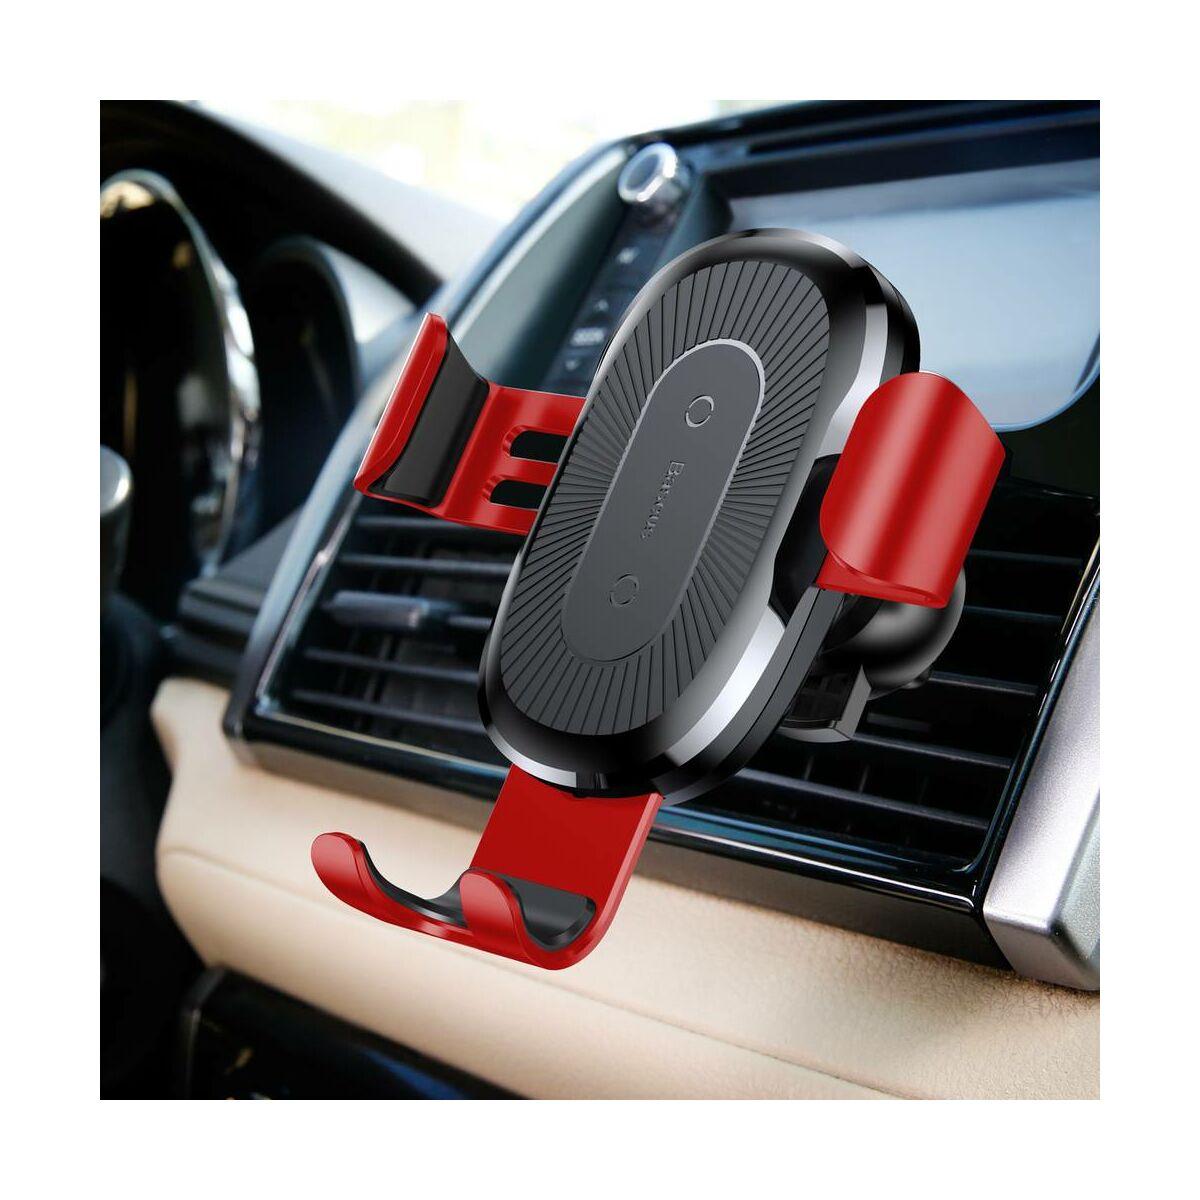 Baseus autós telefon tartó, vezeték nélküli töltő Gravity, szellőzőrácsra, piros (WXYL-09)